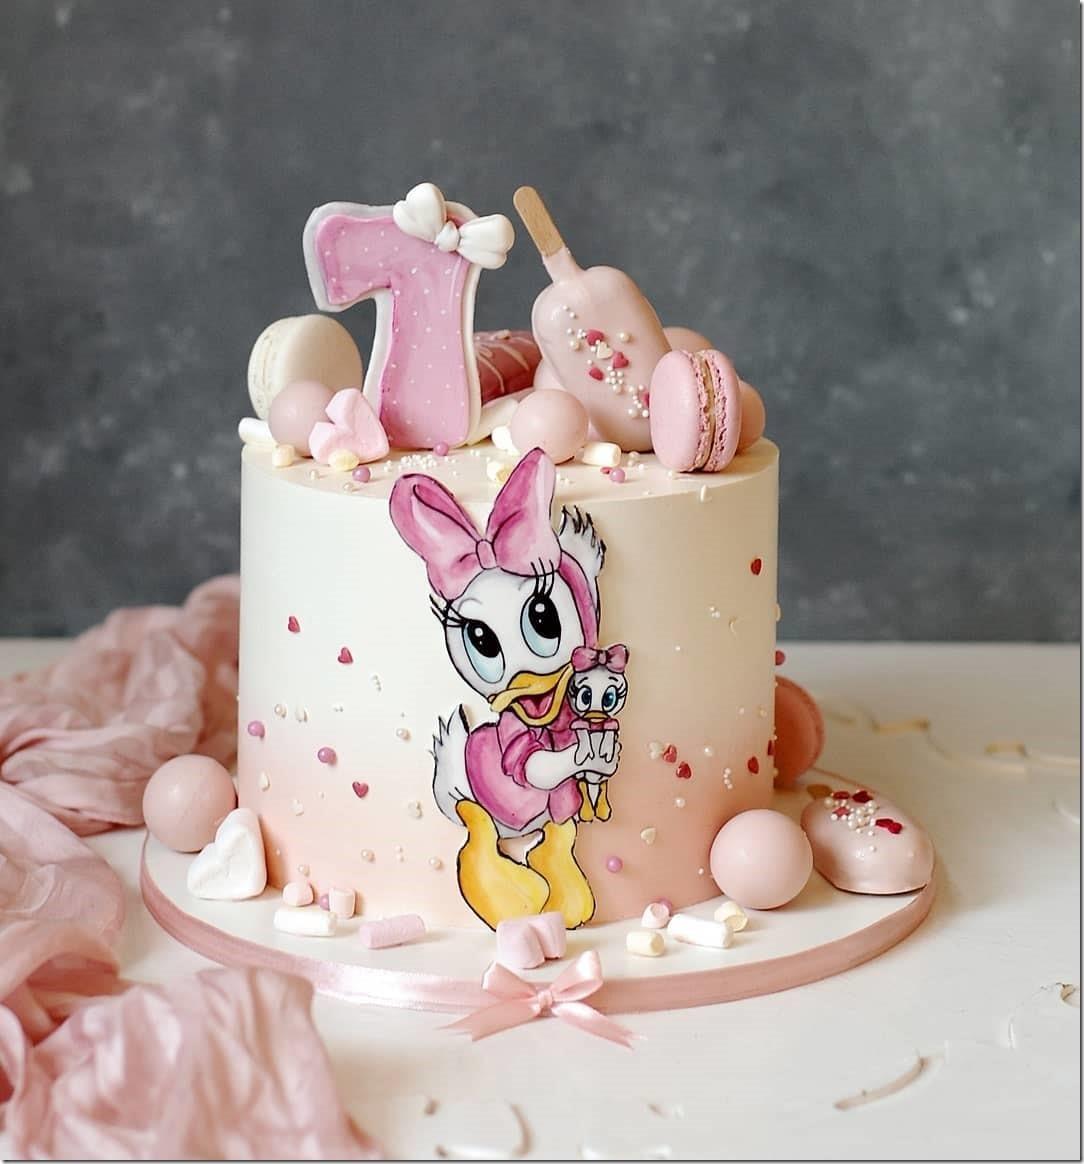 Webby Vanderquack Cake